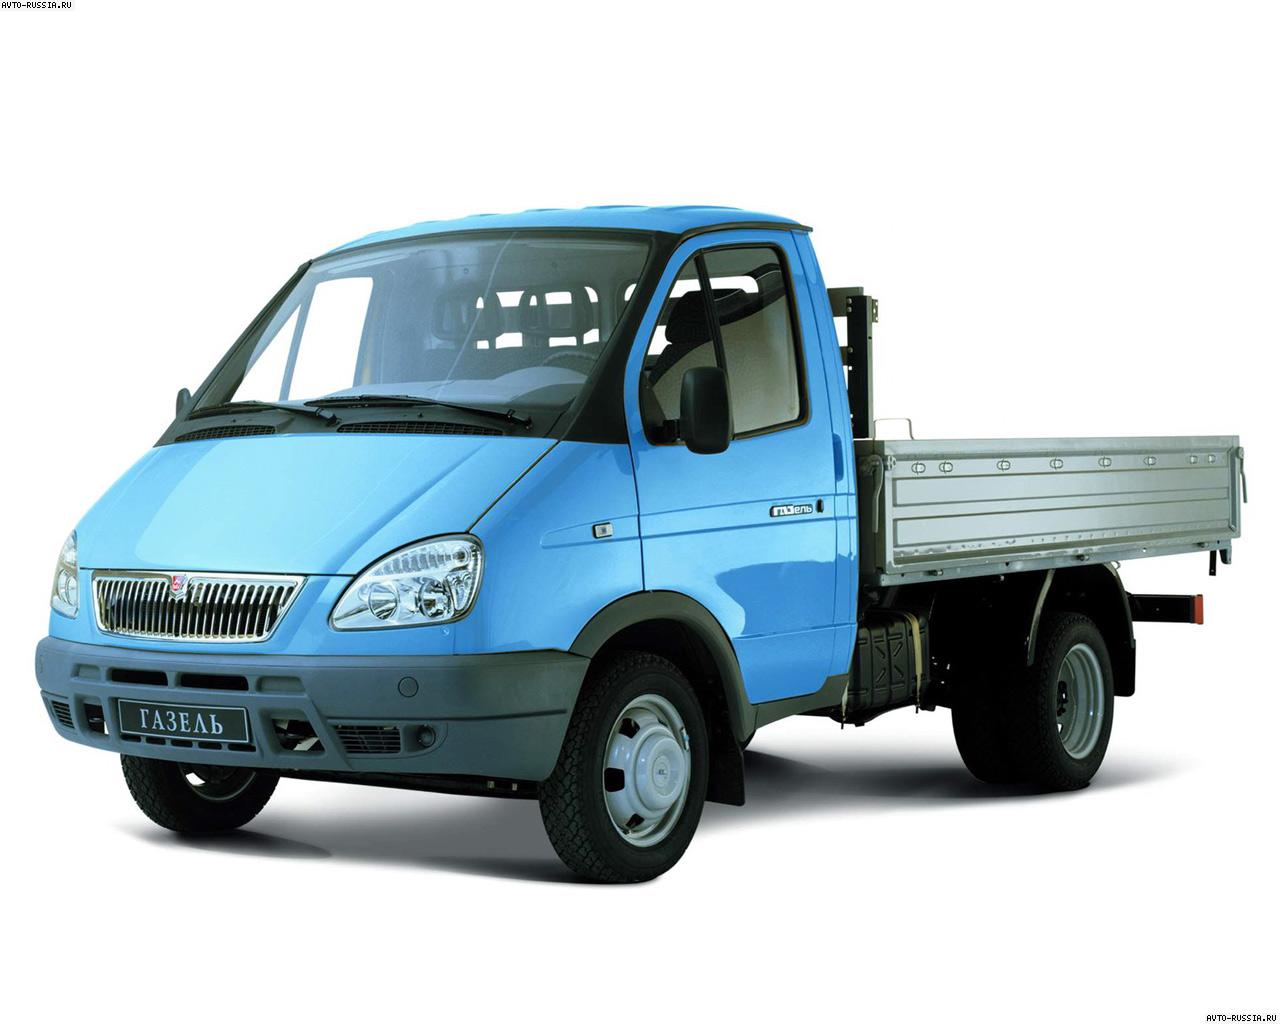 ГАЗ 3302 : цена, гАЗ 3302, технические характеристики, гАЗ 3302, фото